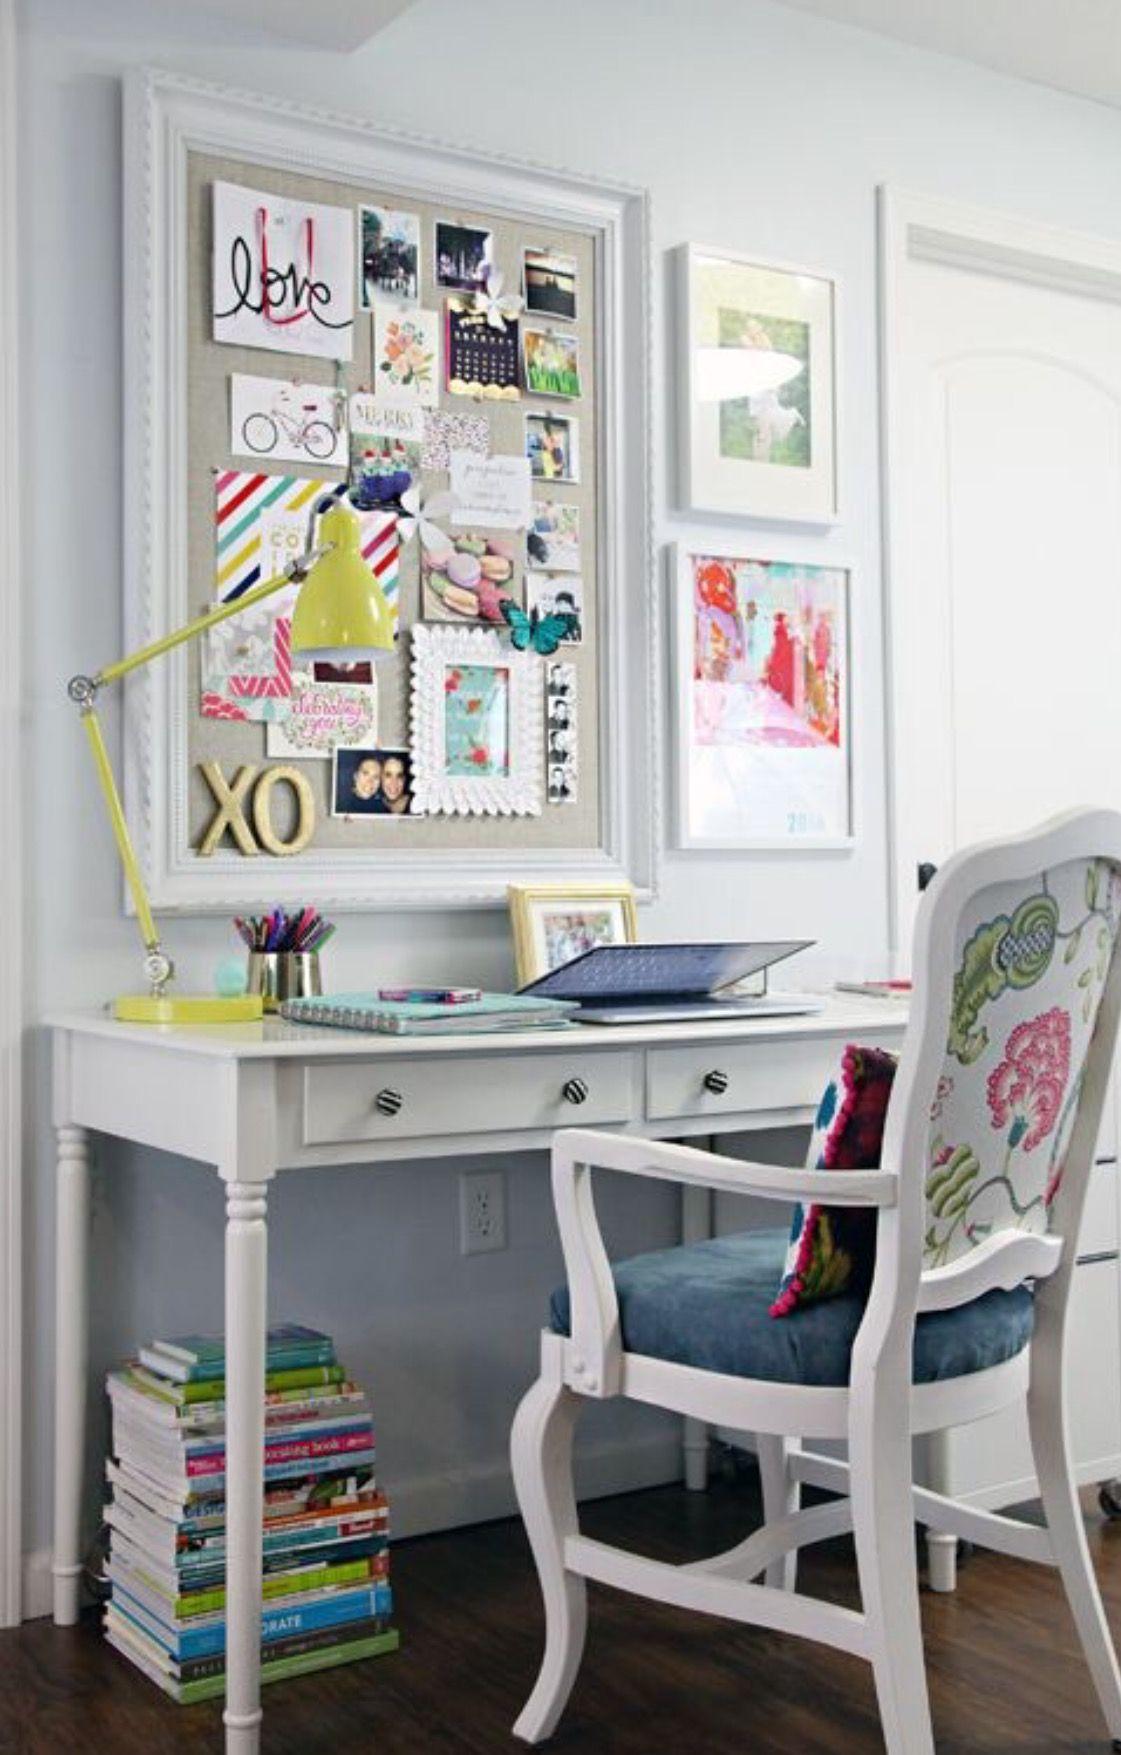 Décoration Bureau Maison | Ide Dcoration Bureau Finest Ide Dco ...